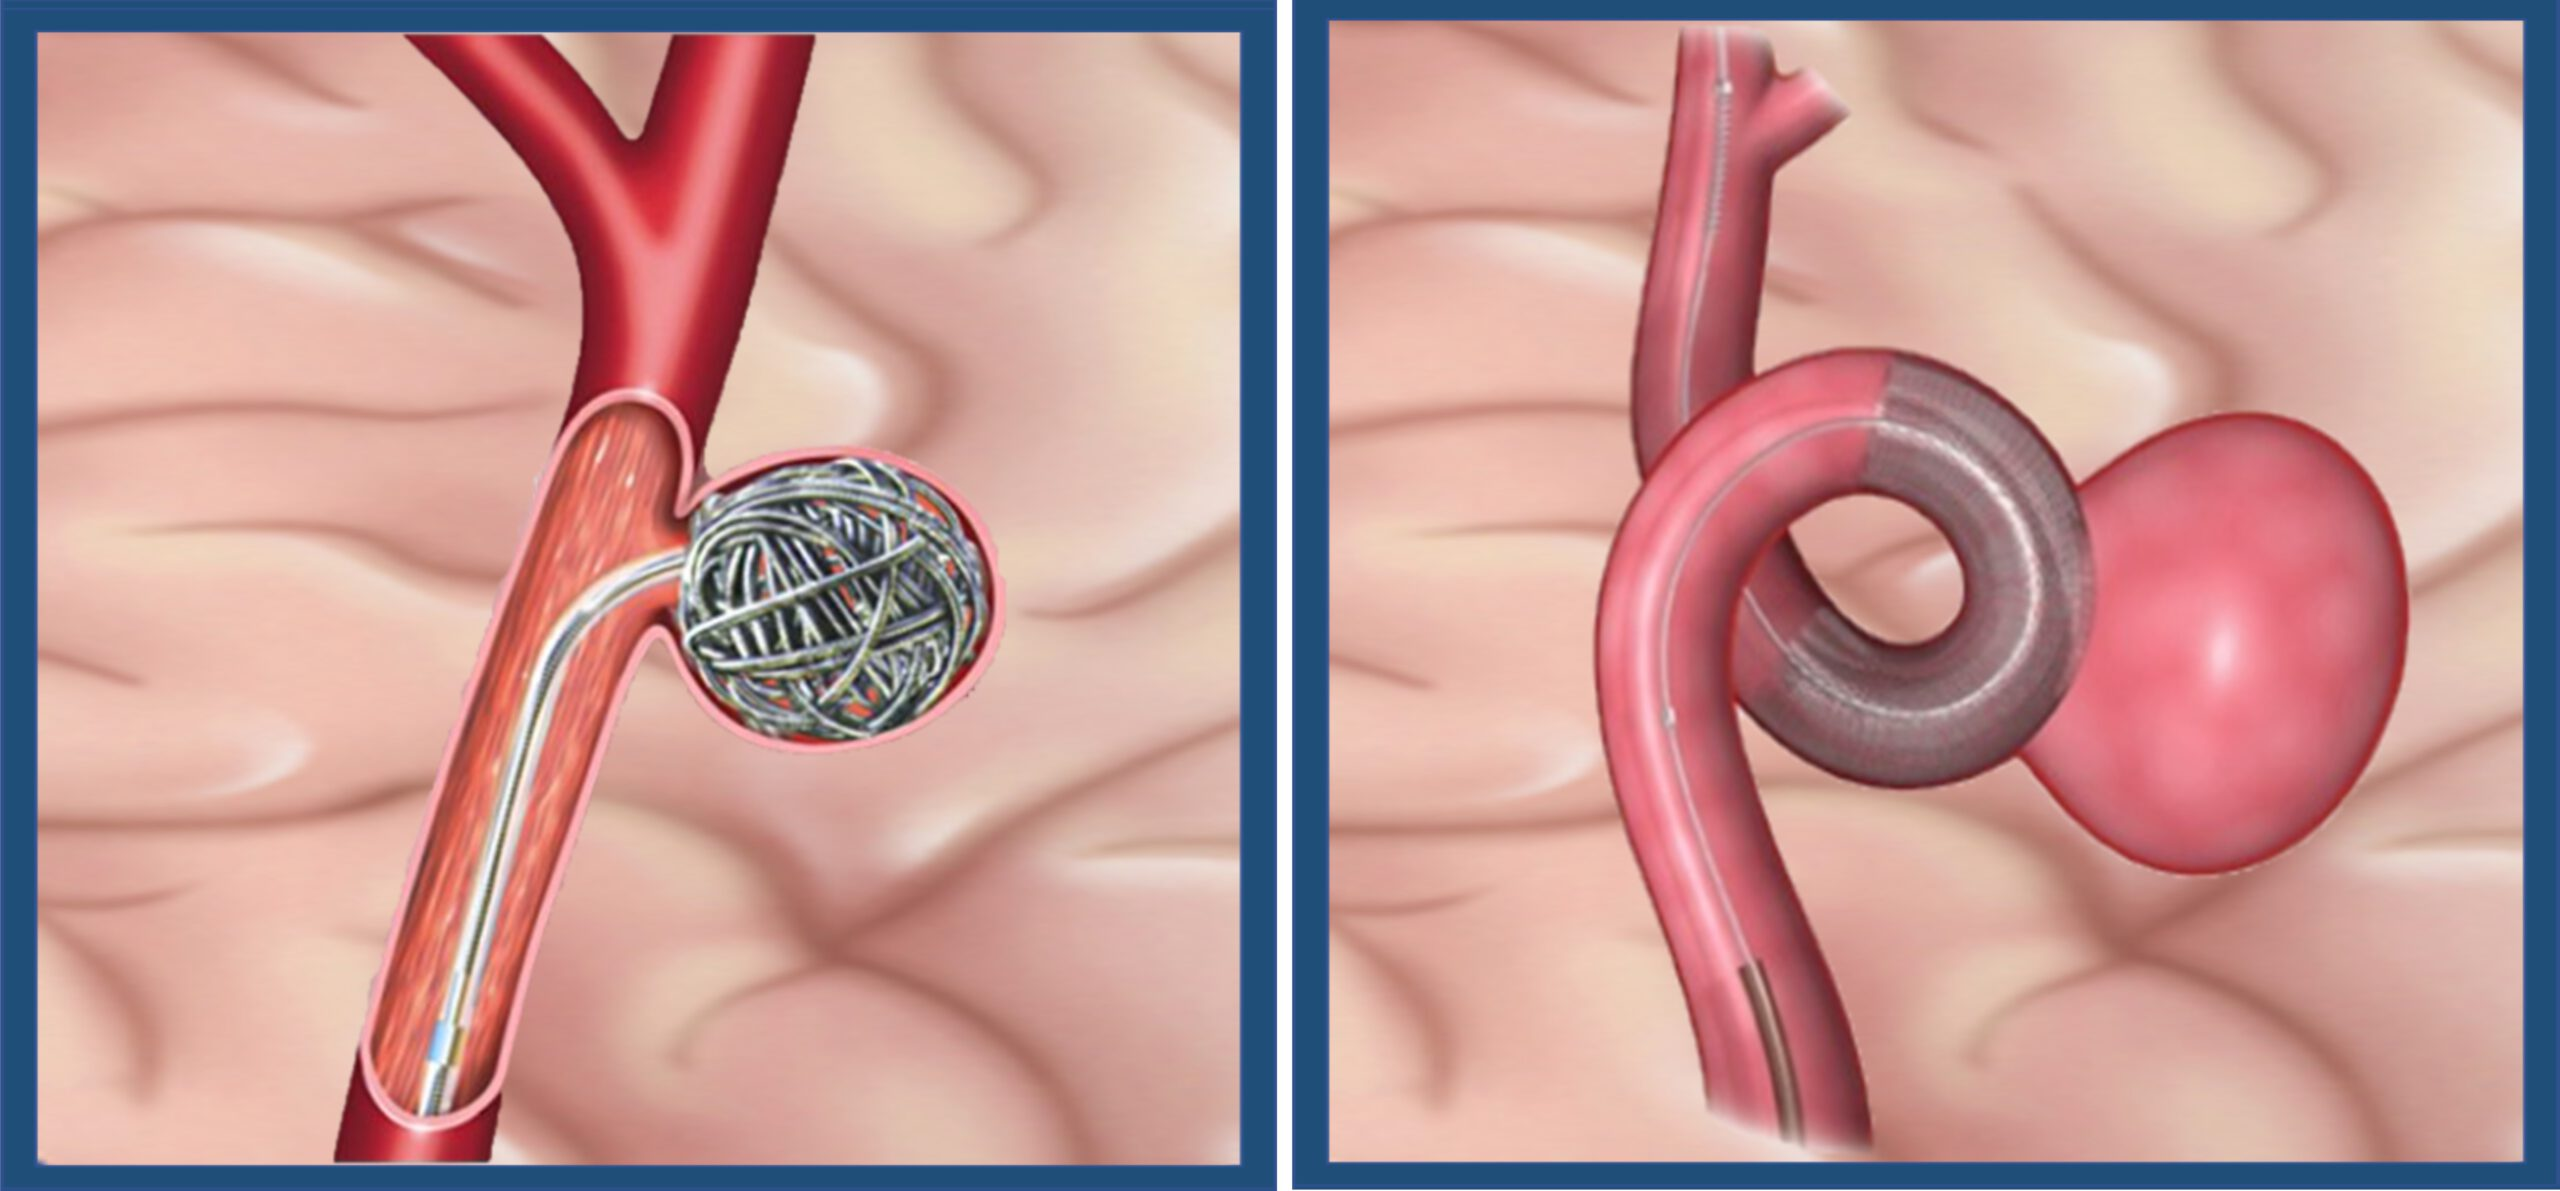 腦血管內動脈瘤封閉手術